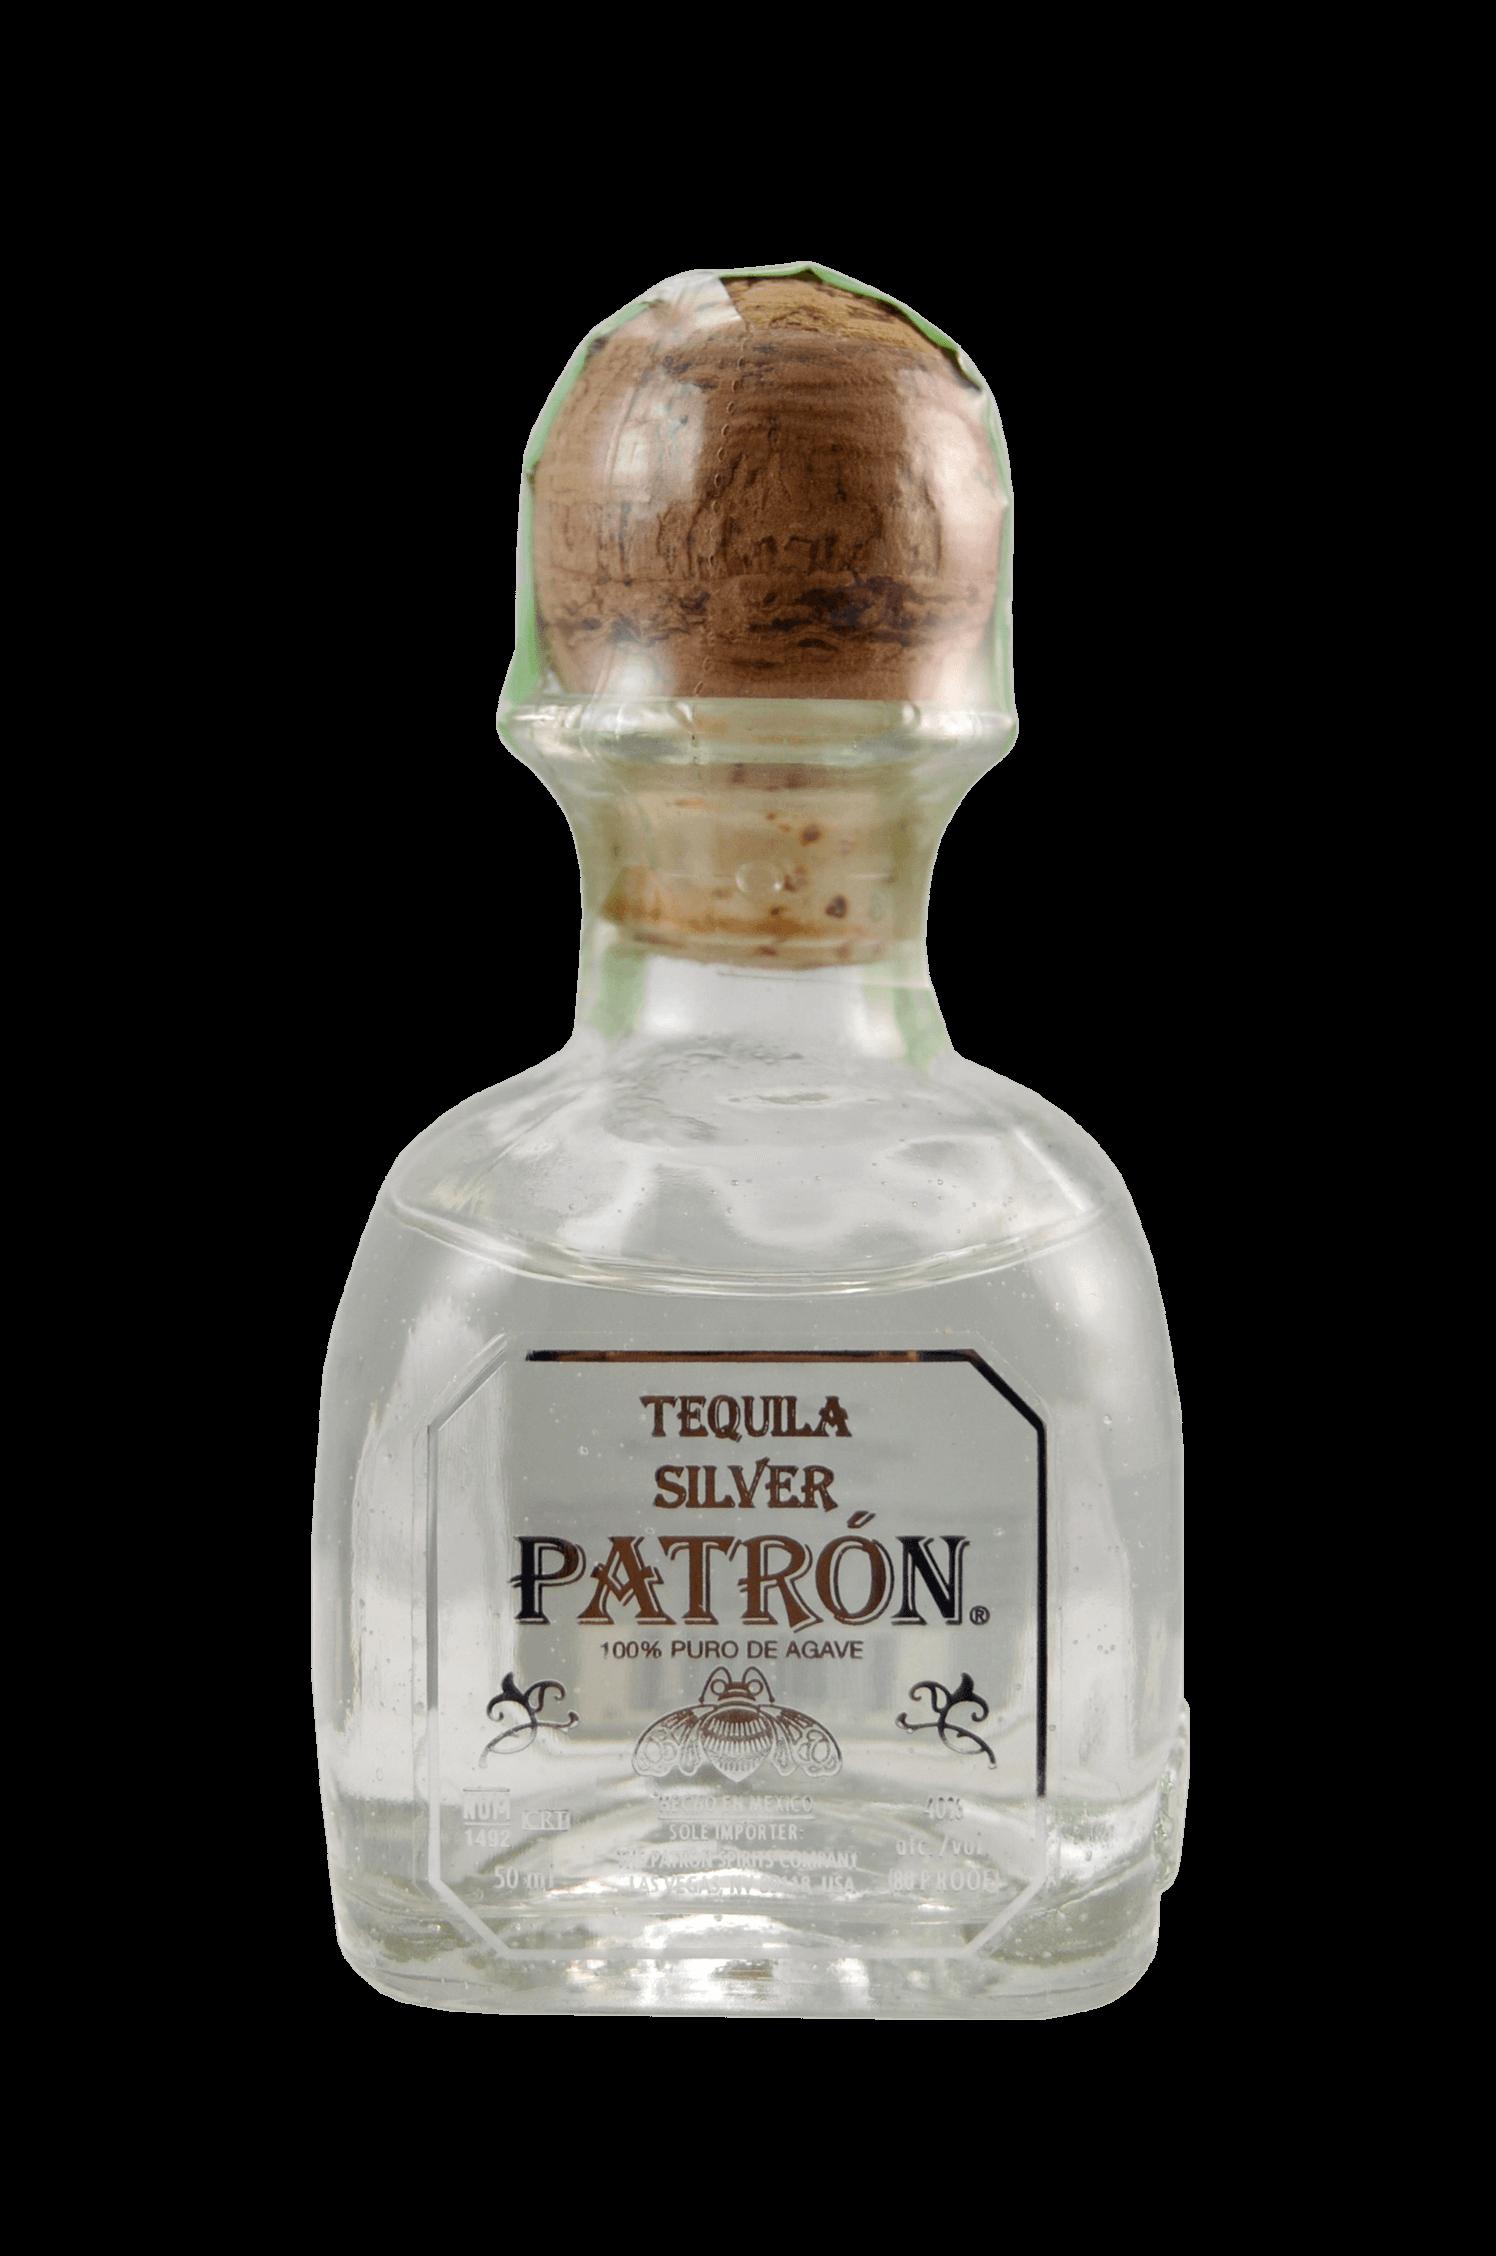 Tequila Silver Patrón